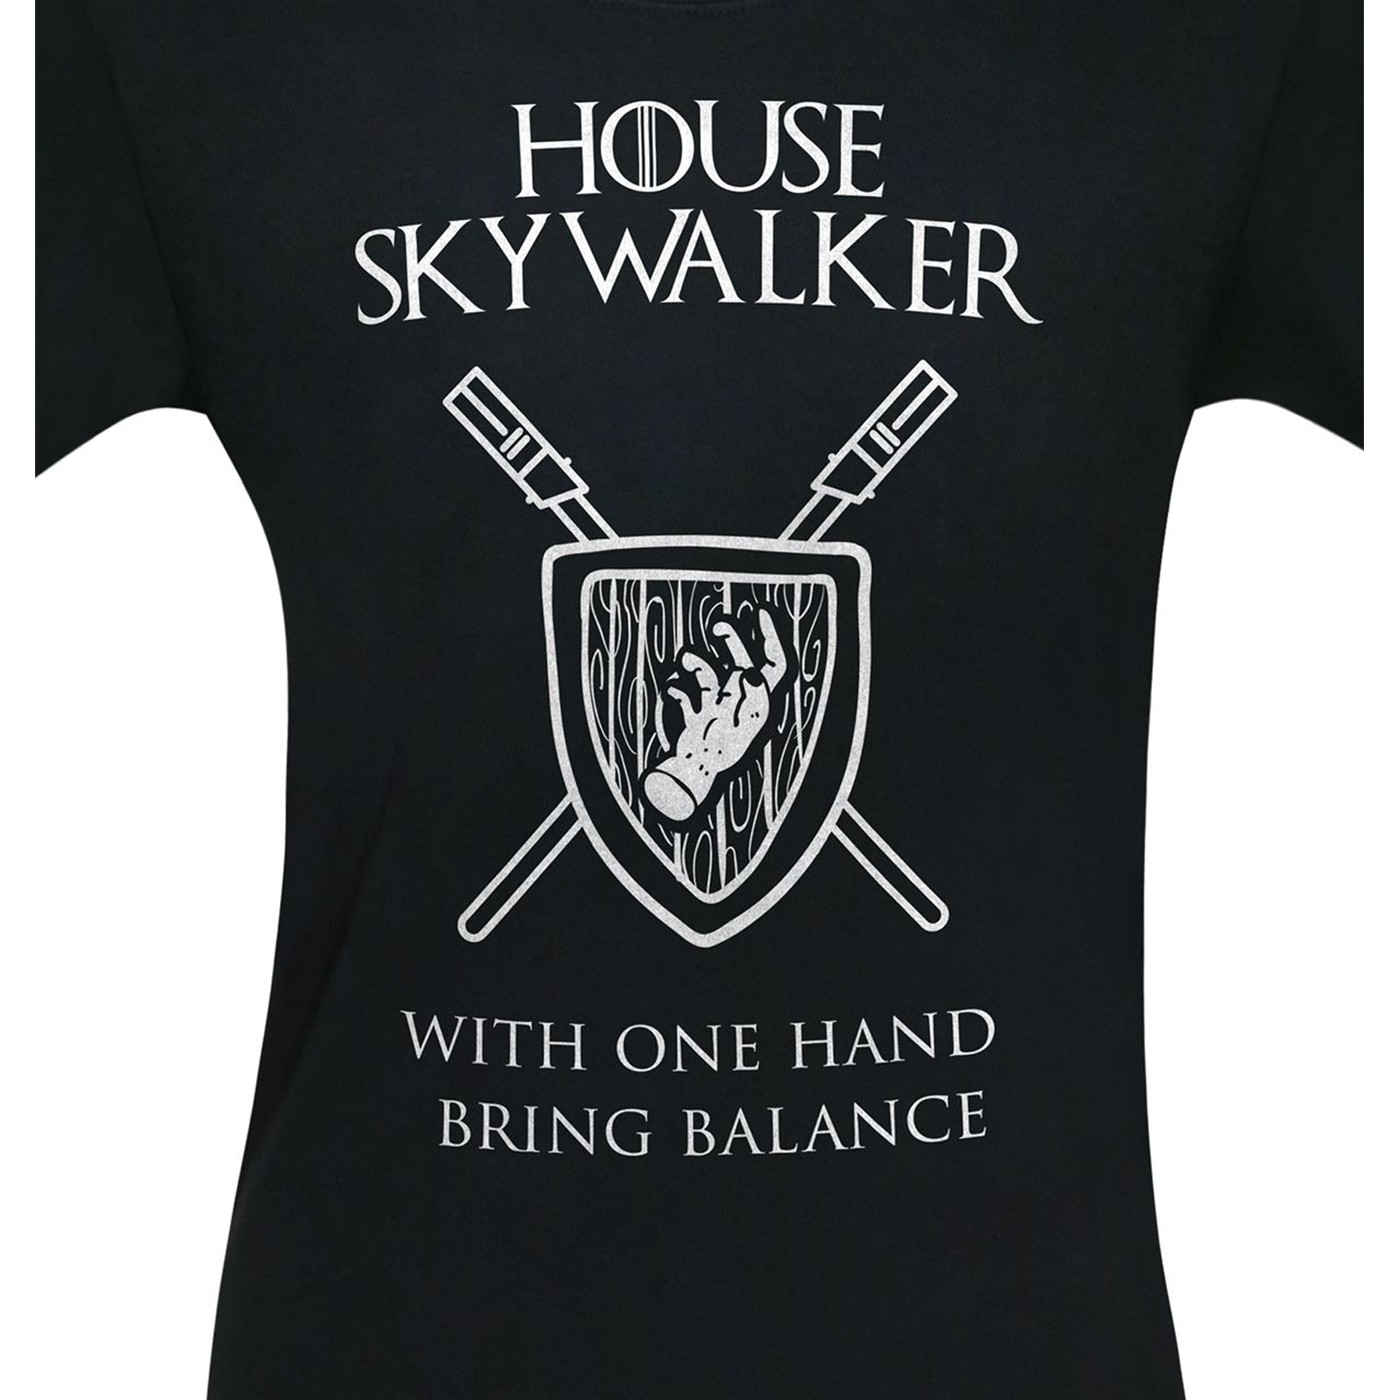 House Skywalker One Hand Bring Balance Men's T-Shirt